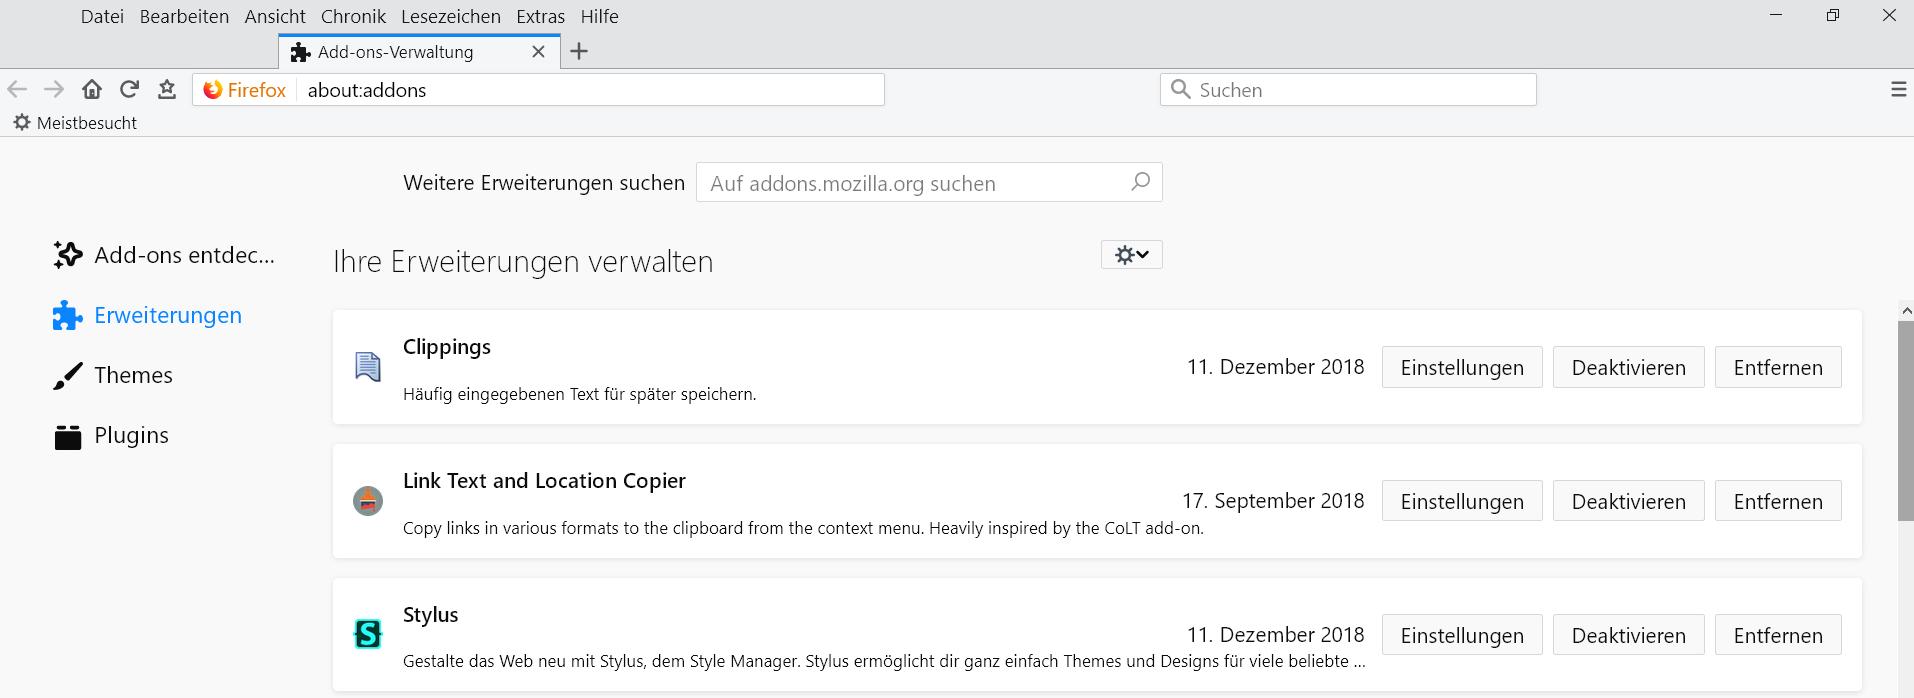 volle breite - about:addons Erweiterungseinträge verbreitern im Firefox 64